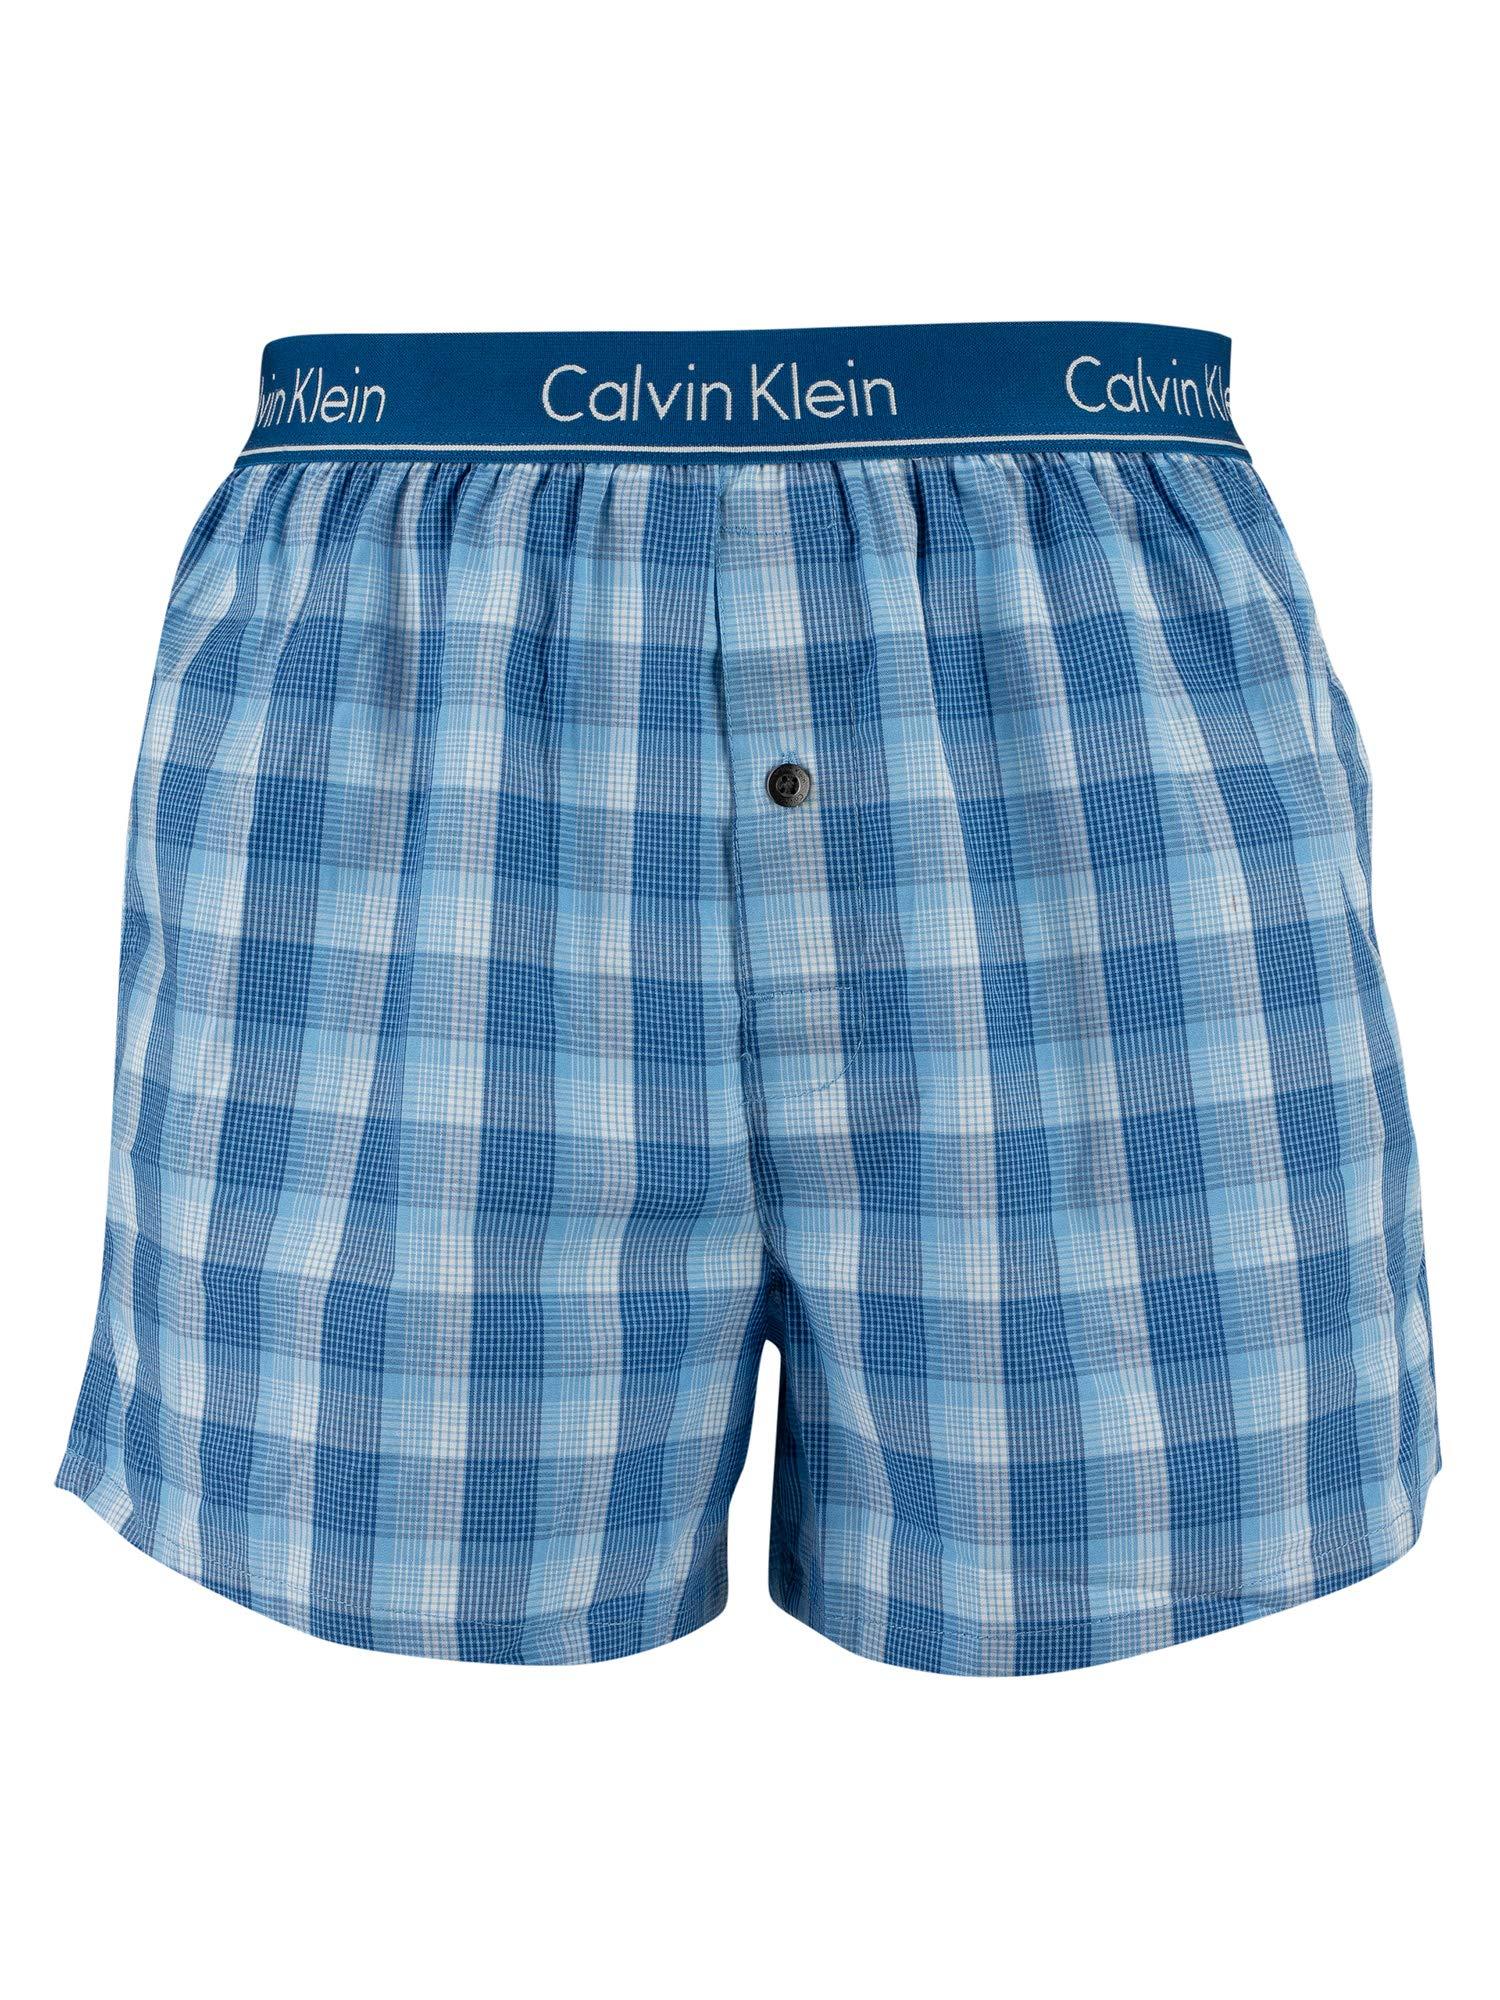 Calvin Klein Hombre Pack de 2 Boxeadores de Corte Slim de Talle bajo, Azul